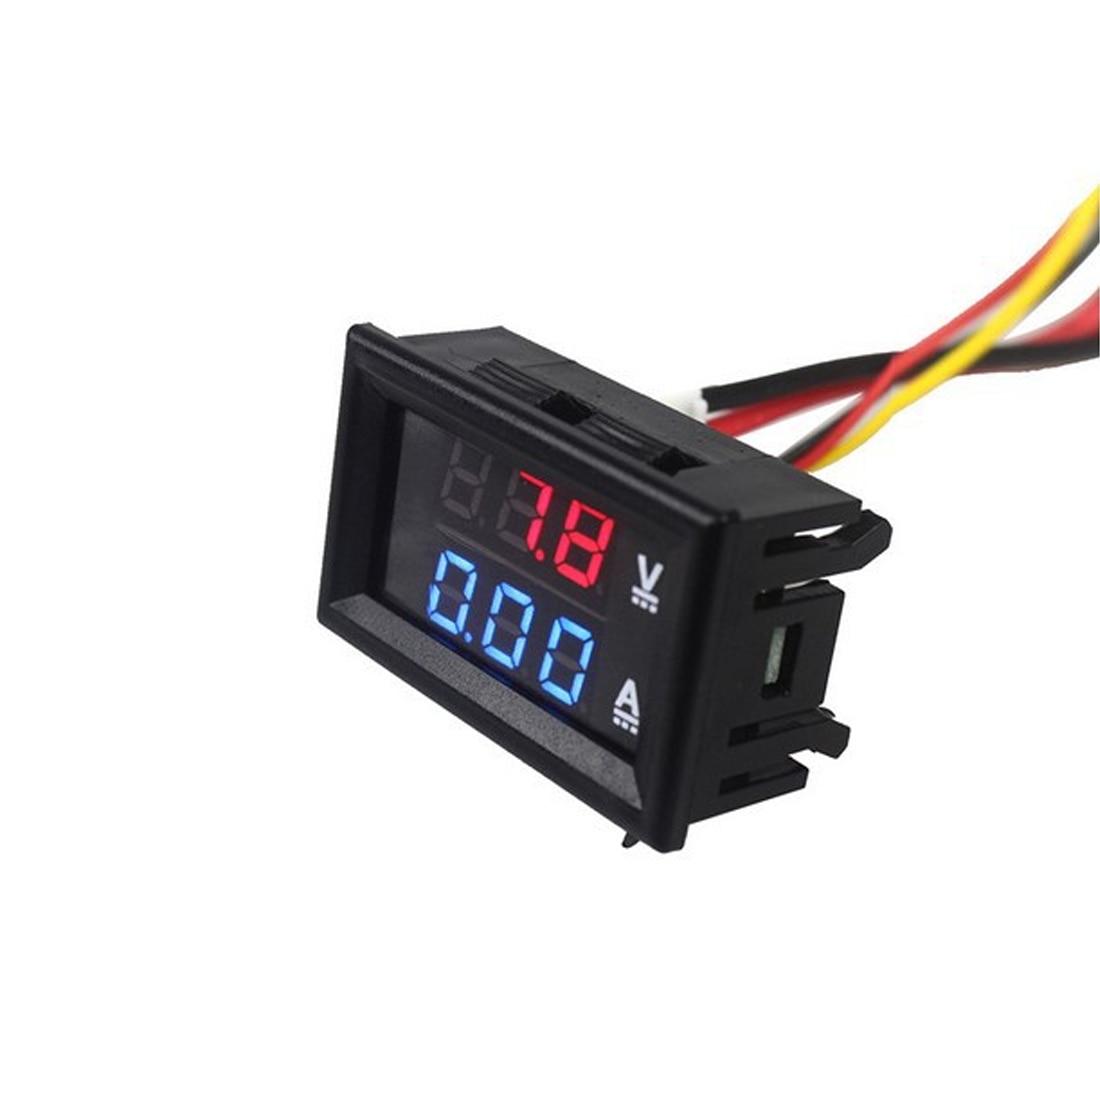 Digital Voltmeter Ammeter 2in1 DC Volt Amp Meter 0 100V/50A Red Blue W/ Shunt Best Quality Voltage Meters     - title=